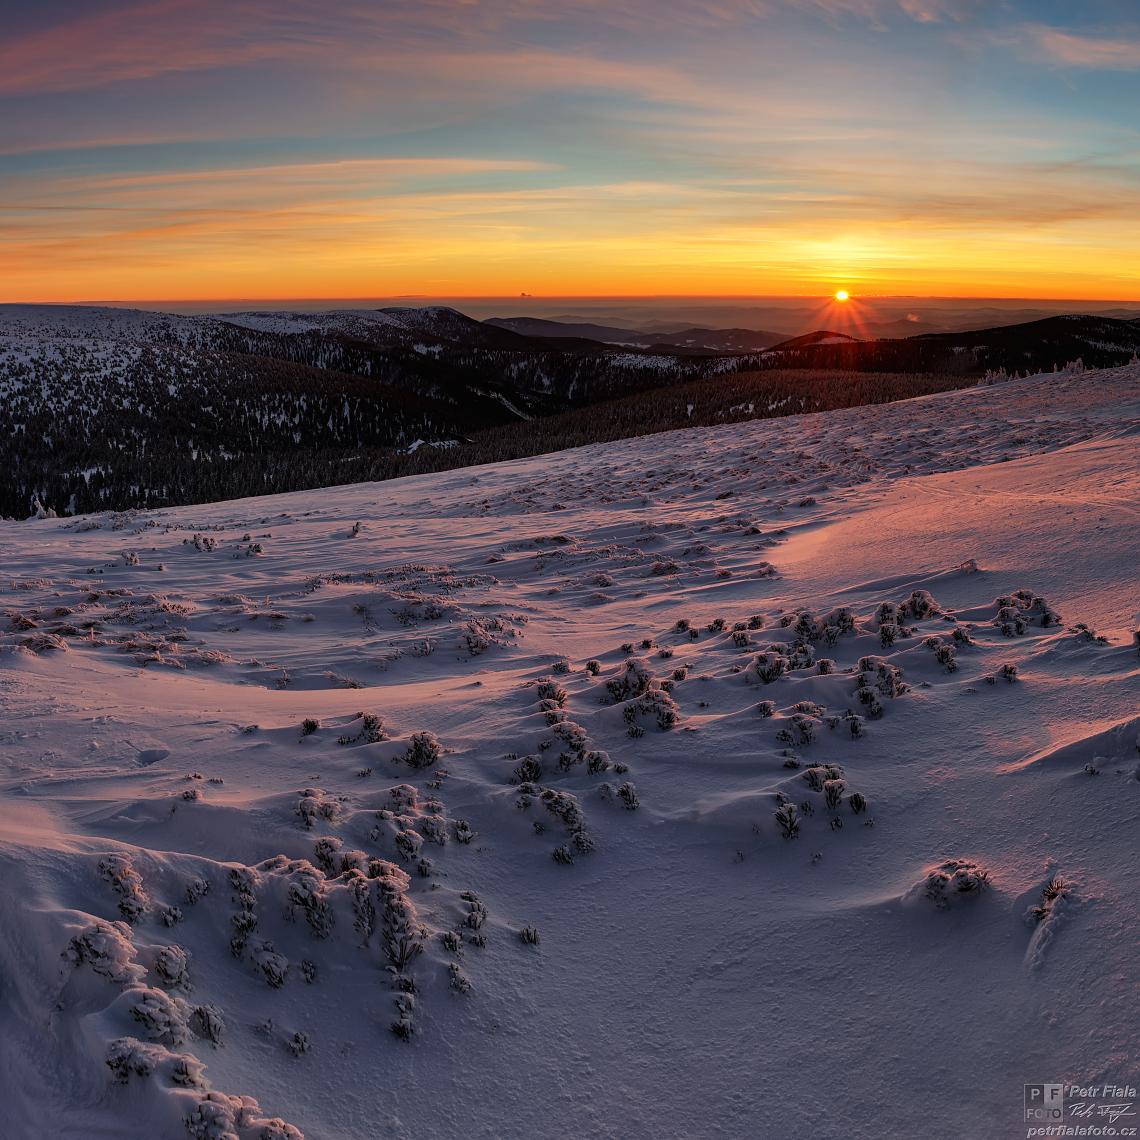 Kleče v zajetí zimy | Petr Fiala